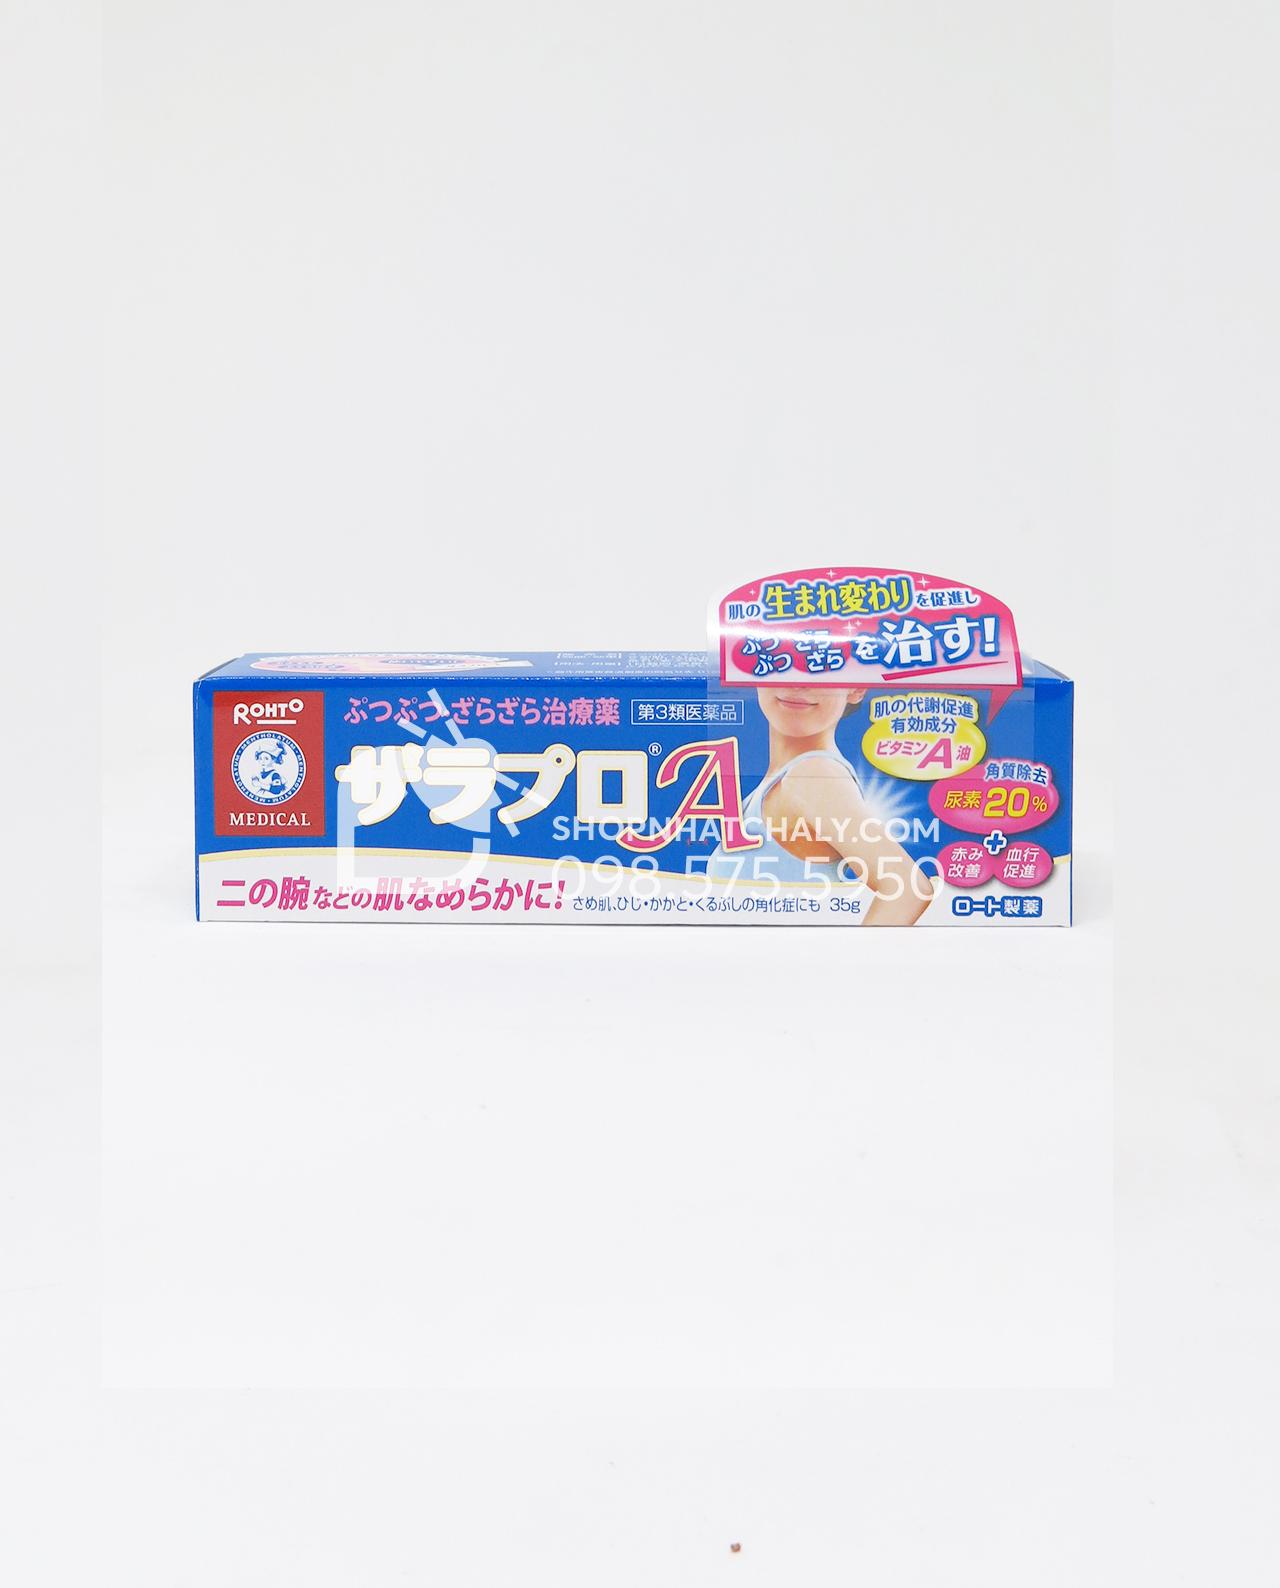 Kem trị viêm nang lông Zaraporo Rohto là sản phẩm thống trị thị trường Nhật Bản về dòng kem đặc trị viêm nang lông, còn gọi là viêm lỗ chân lông. Kem trị viêm nang lông Zaraporo Rohto Nhật 35gr đã có mẫu mới